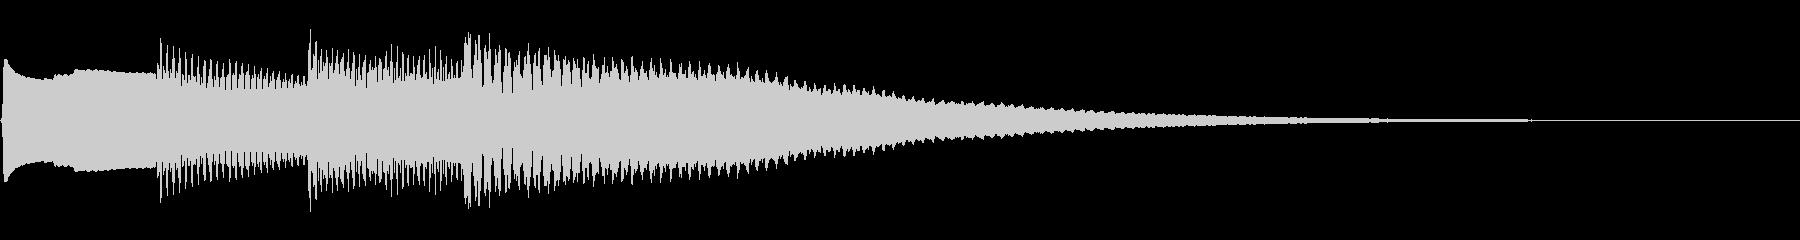 キラキラーんの未再生の波形